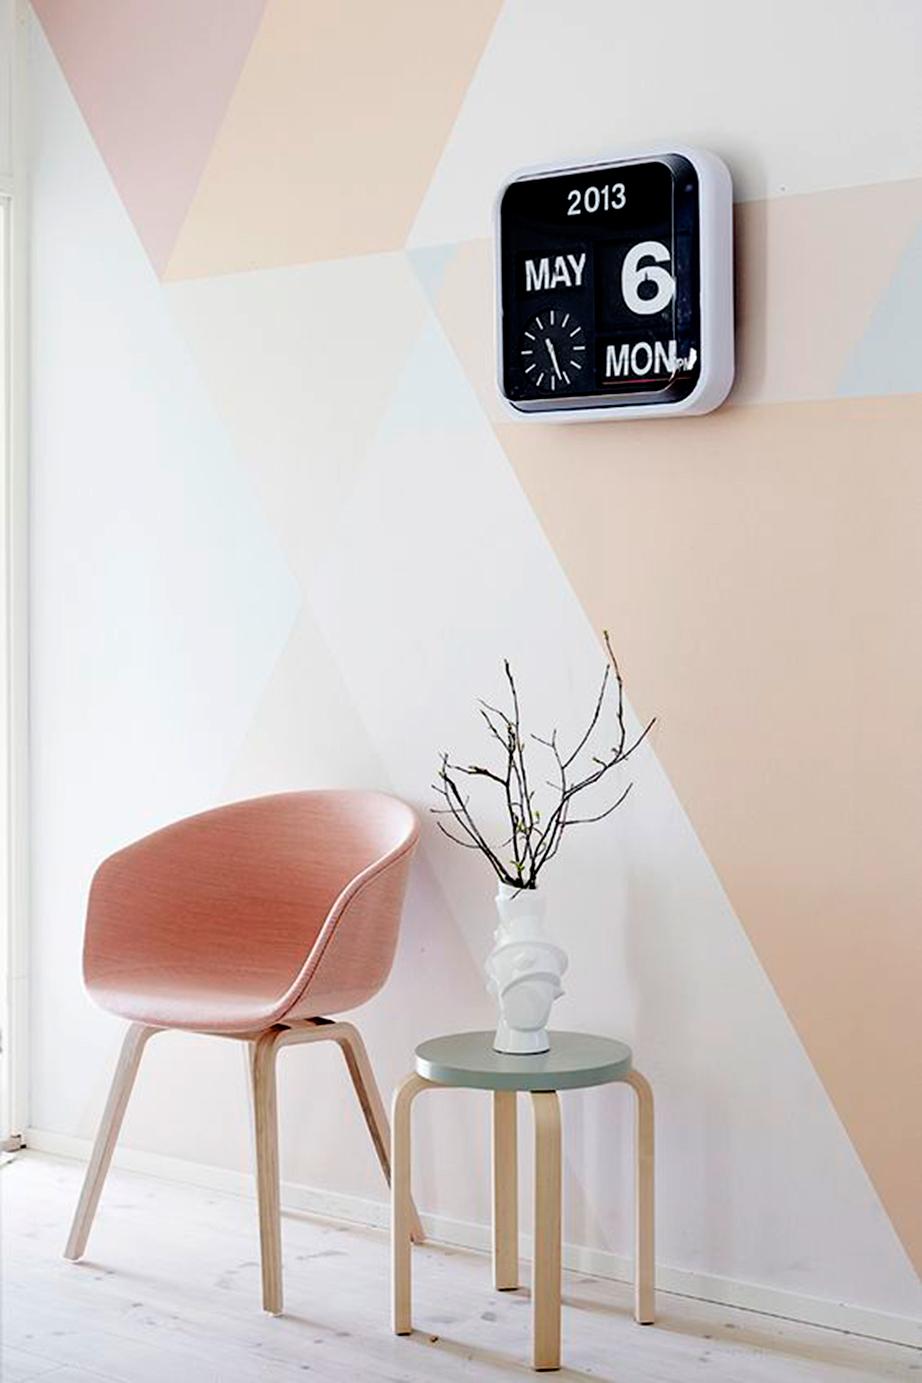 Δημιουργήστε γεωμετρικά σχέδια στους τοίχους με λίγο χρώμα.